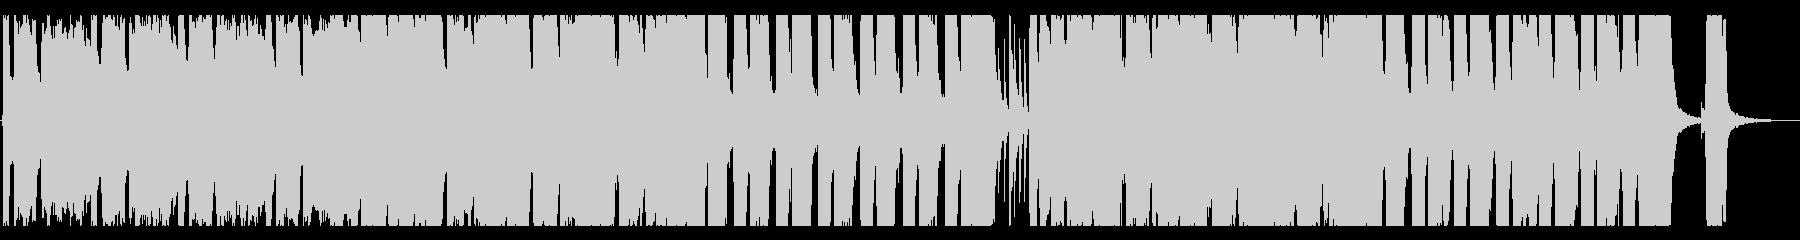 ハードロック、ギター駆動のキュー。...の未再生の波形